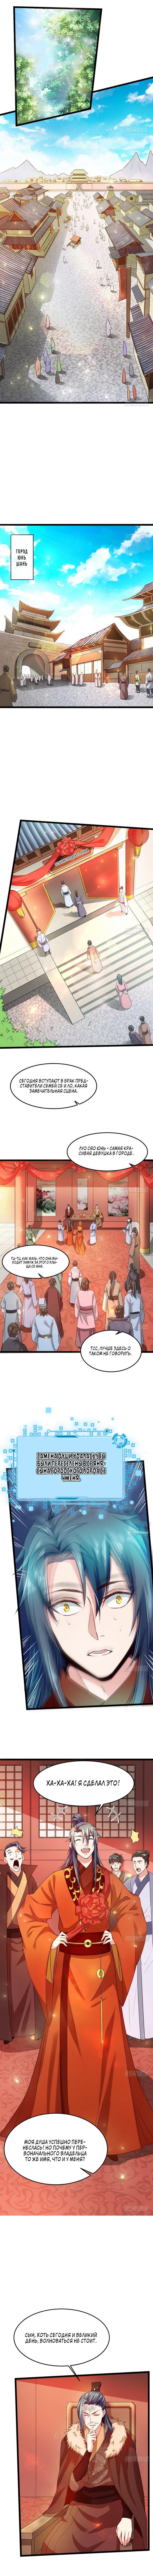 Манга Я злой бог - Глава 4 Страница 1